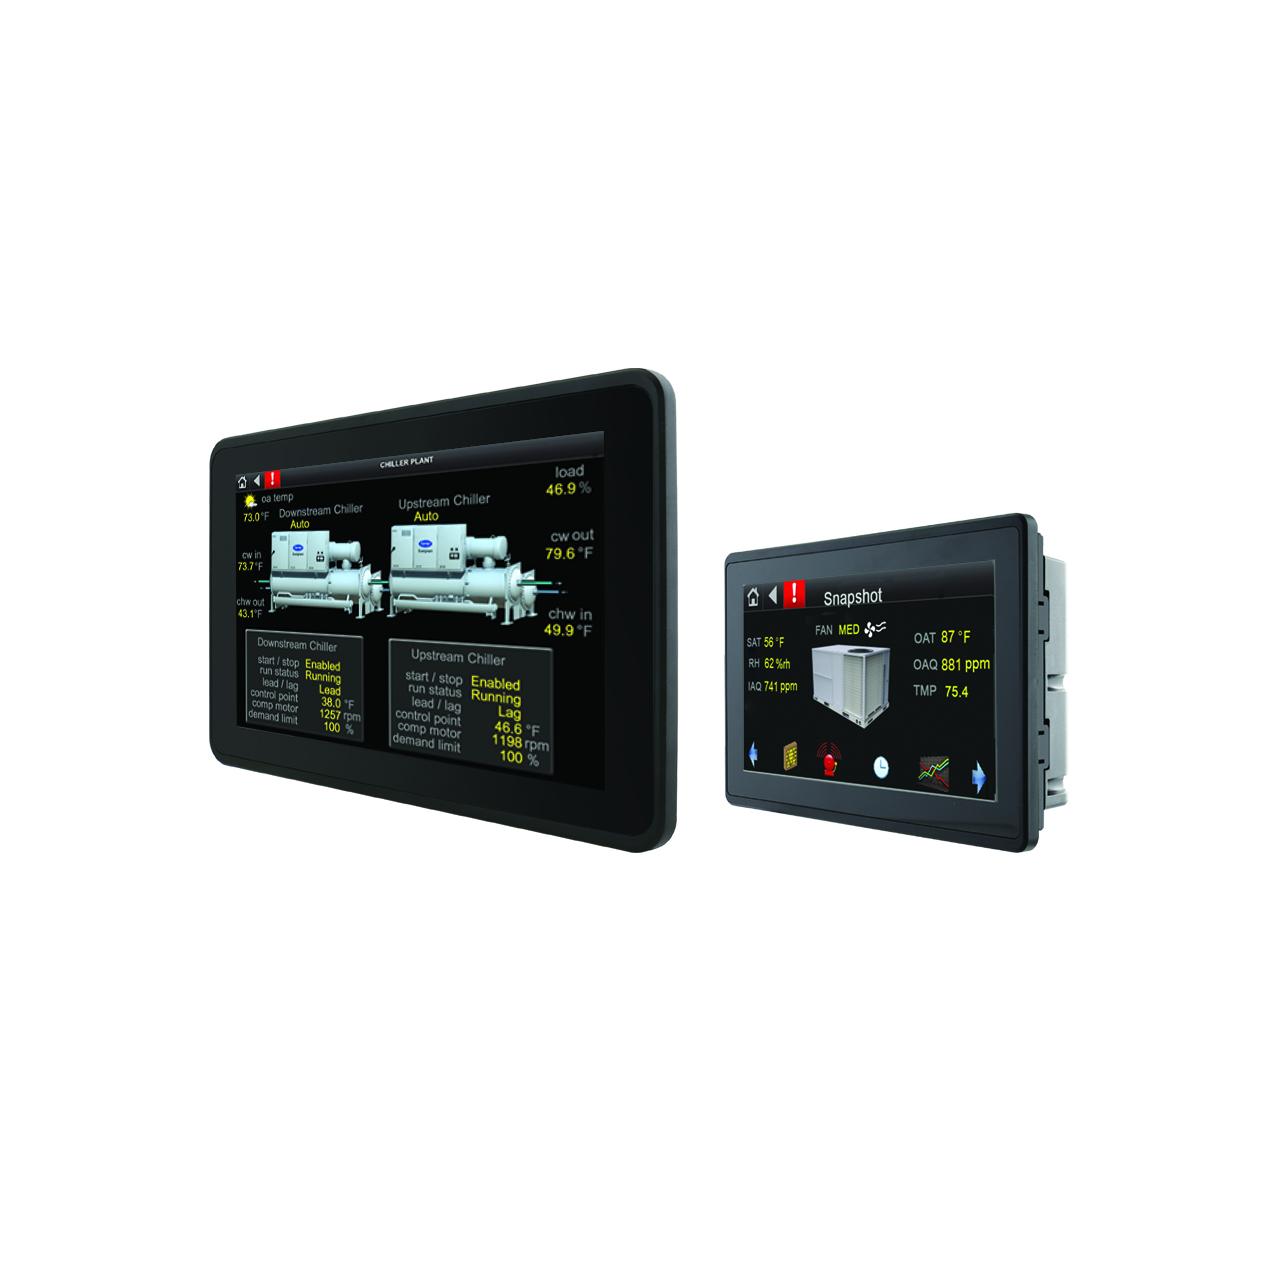 carrier-EQT2-truvu-equipment-touch-user-interface